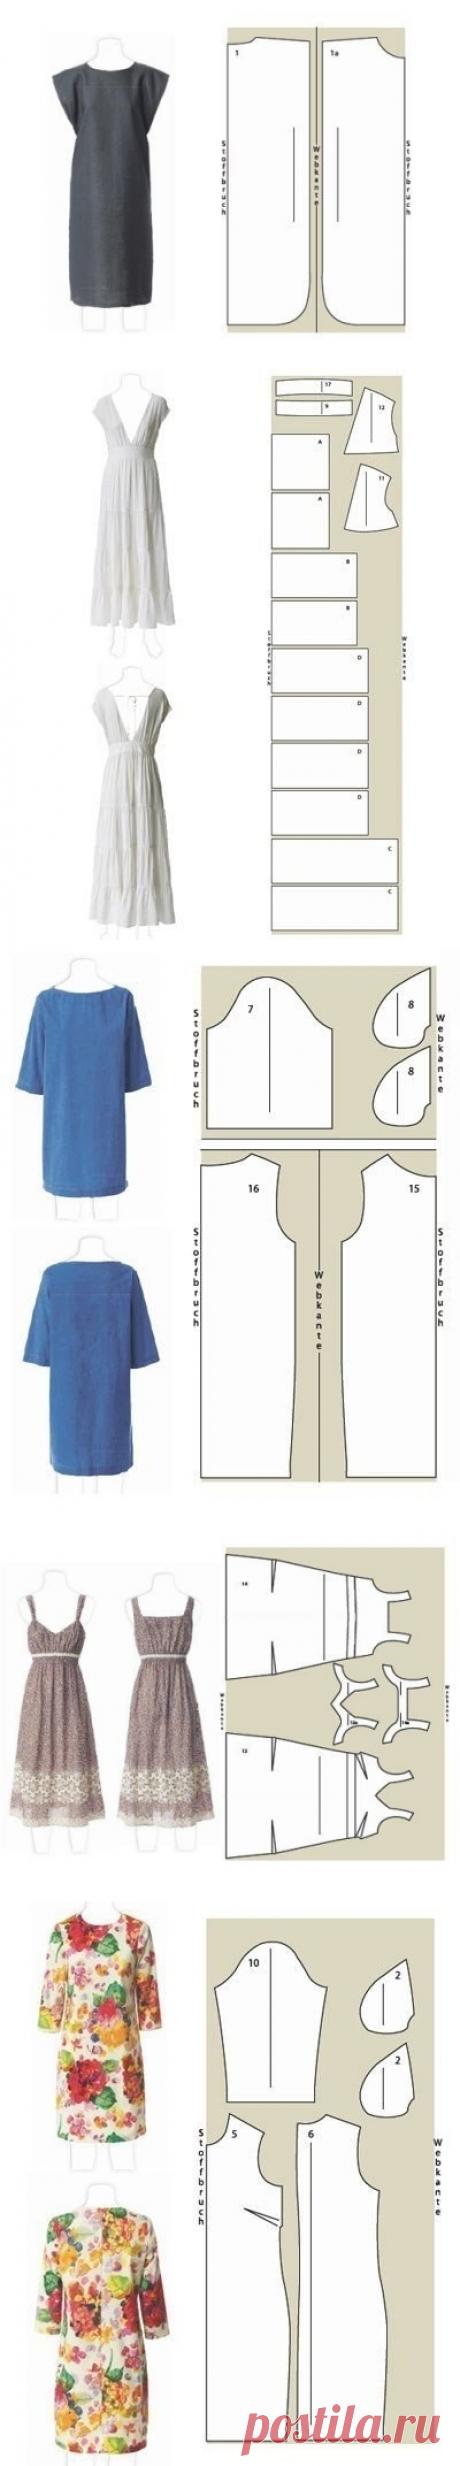 Шьем платья. Выкройки — Сделай сам, идеи для творчества - DIY Ideas